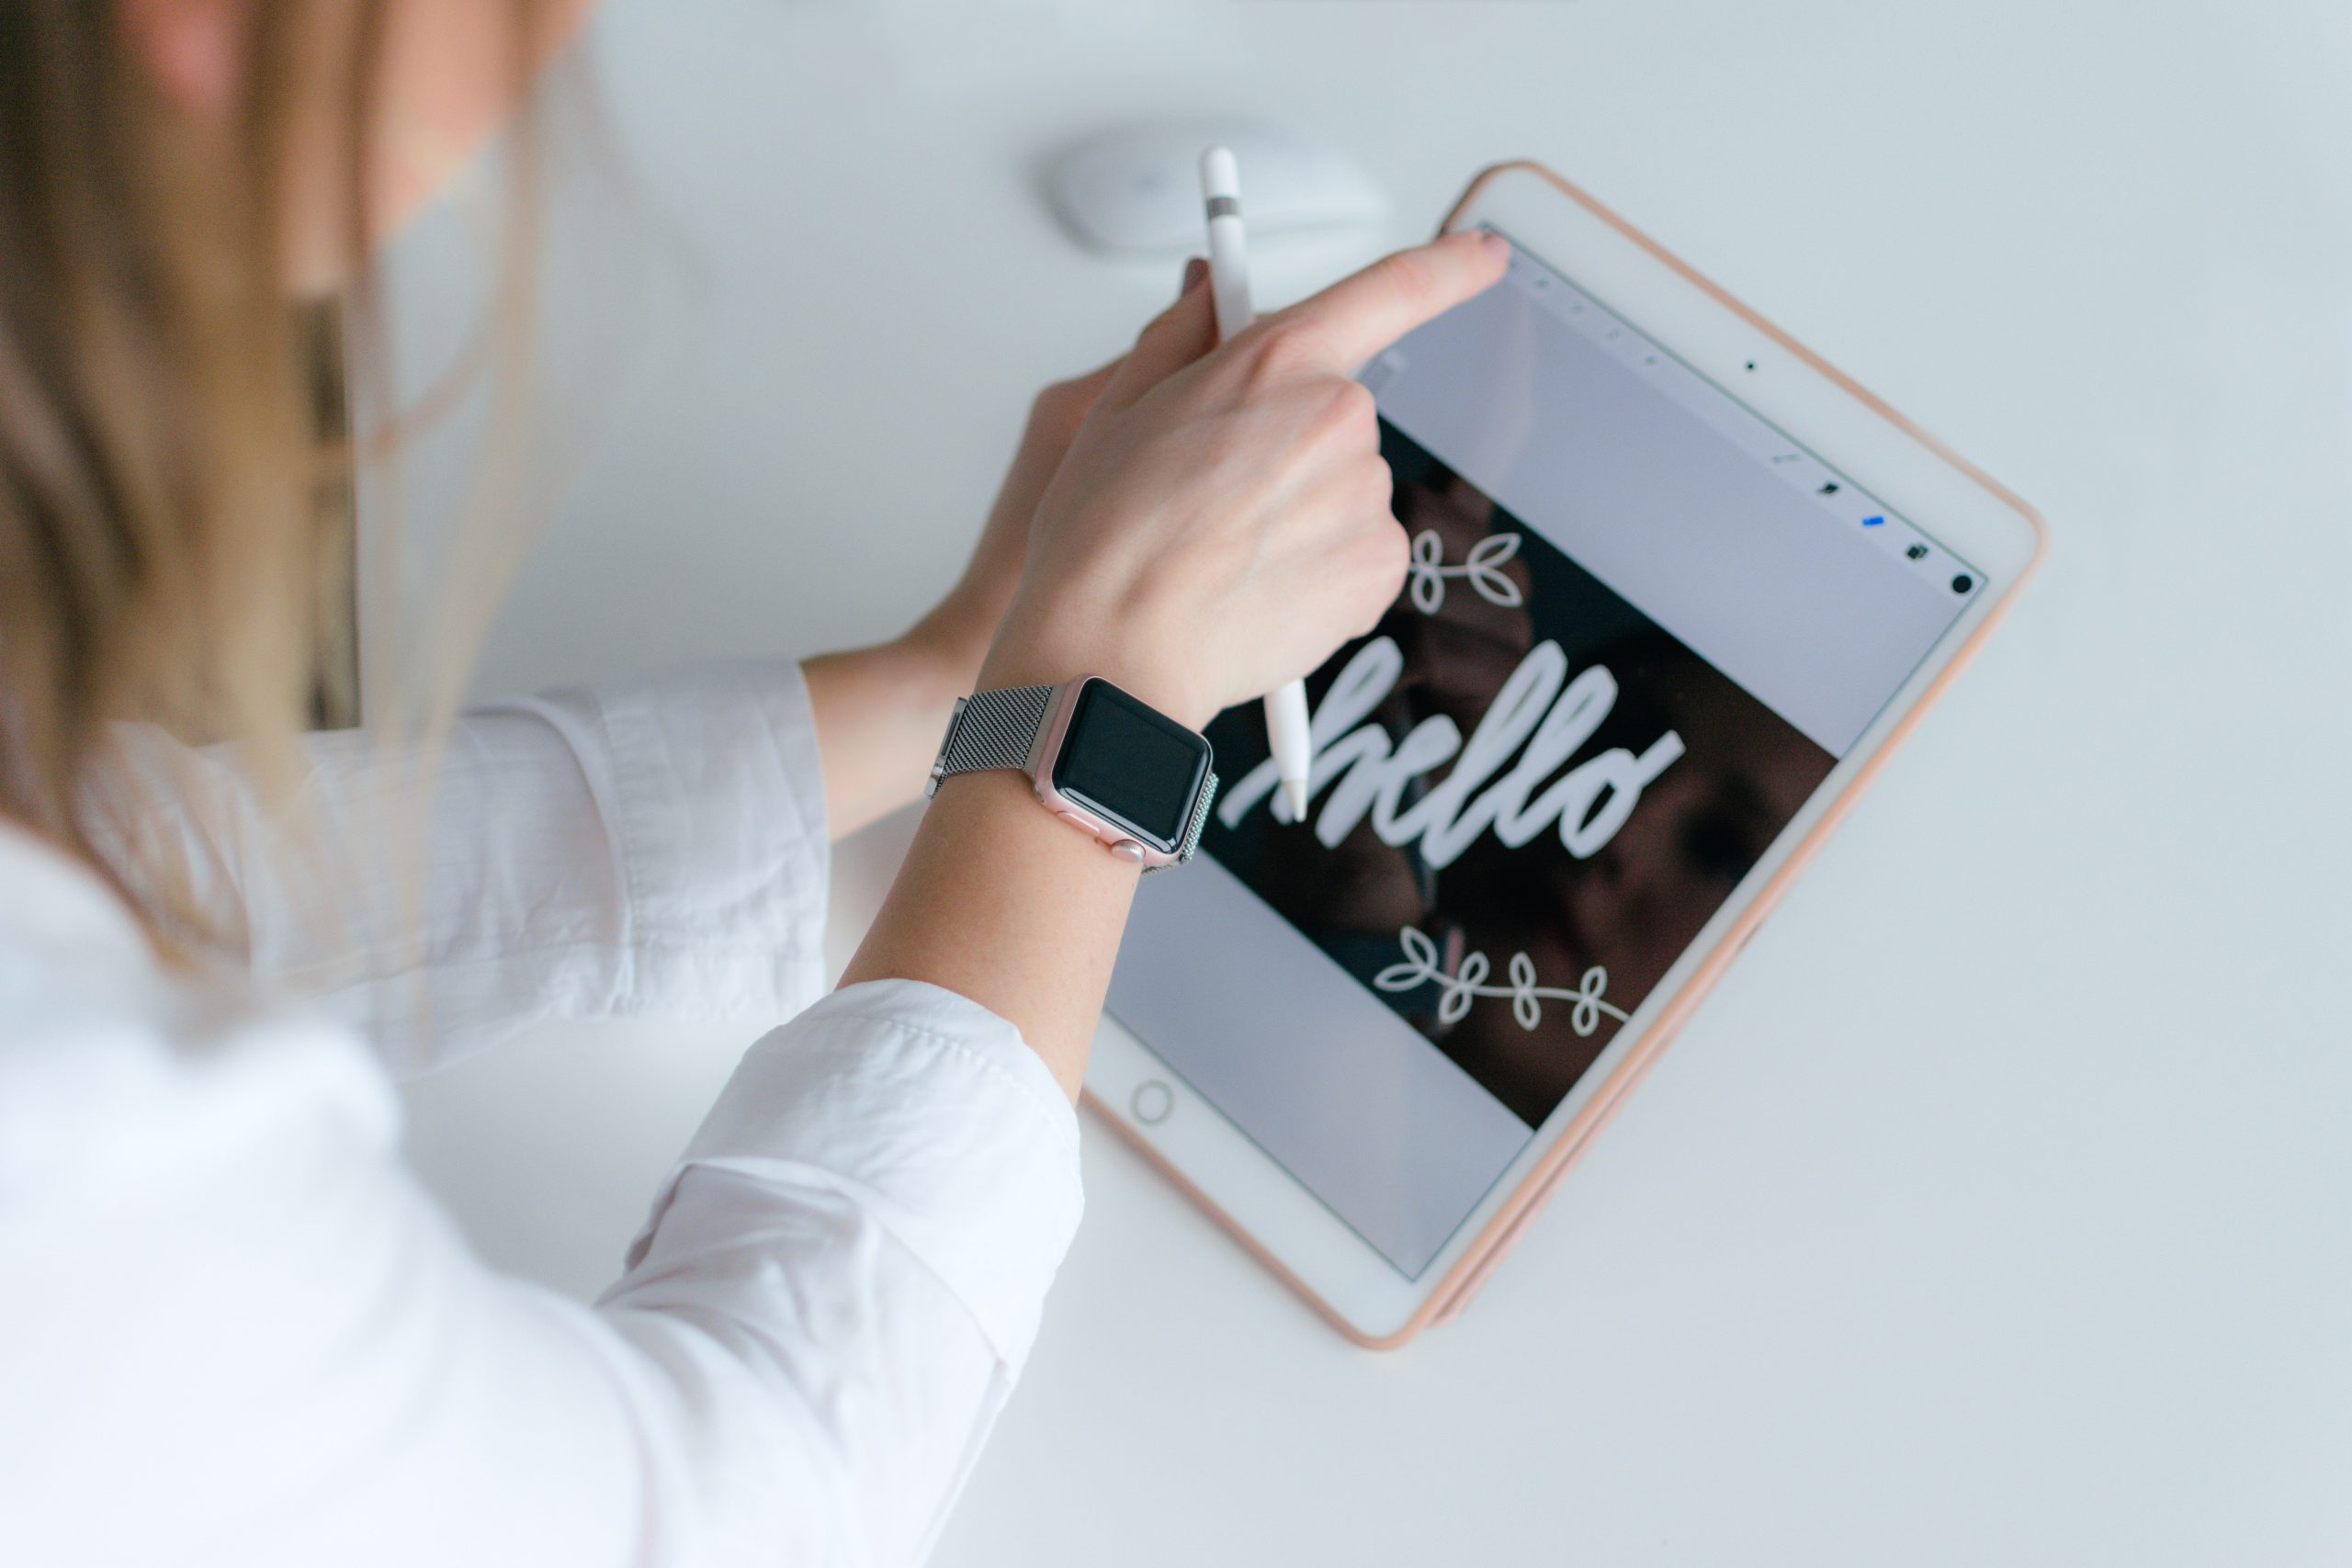 Imagem de uma mulher usando um smartwatch feminino.